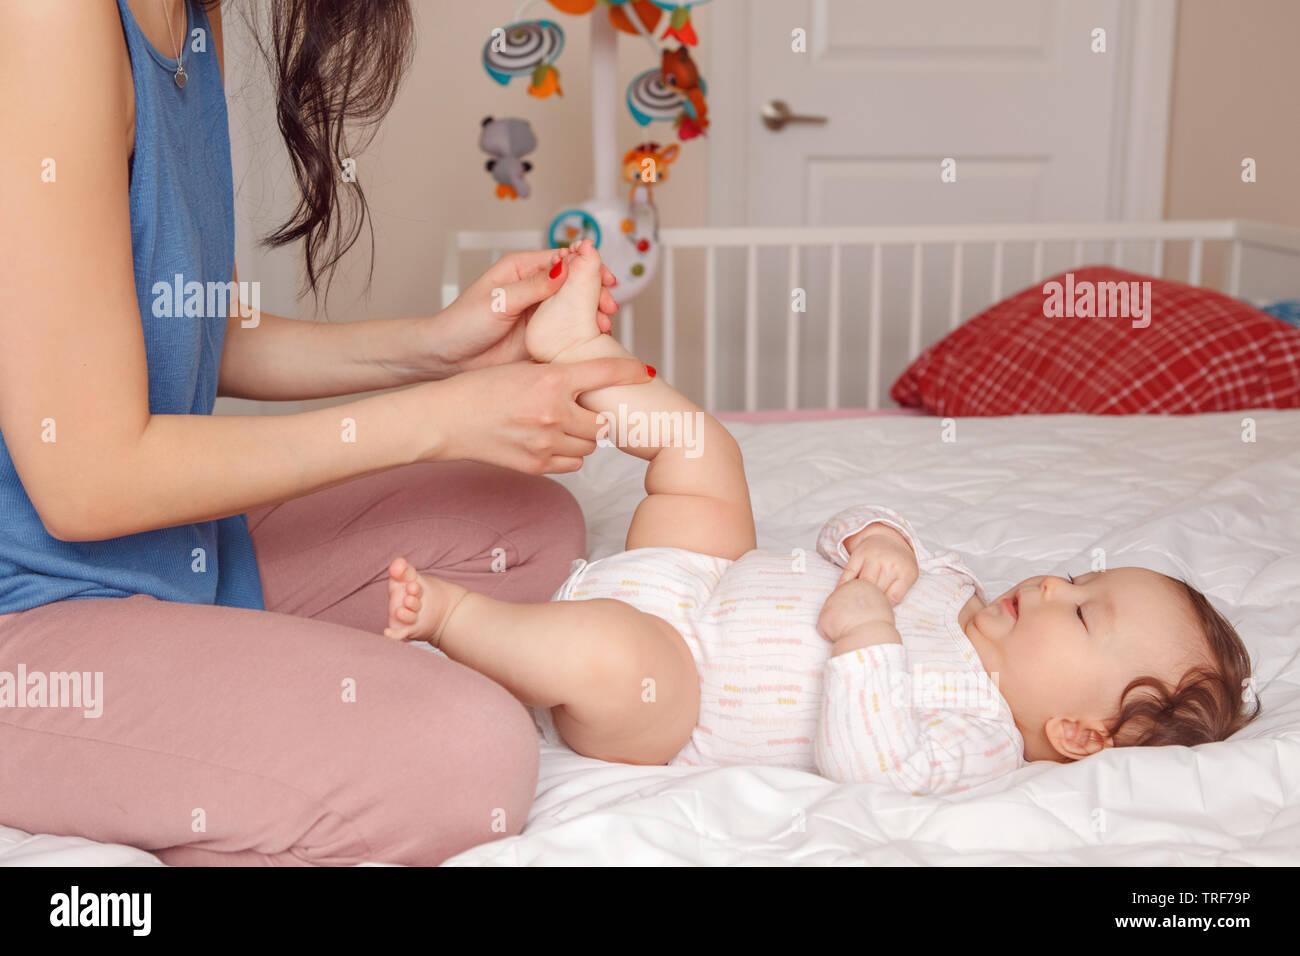 Retrato de cute adorable raza mixta madre asiática con el bebé recién nacido haciendo masajes y ejercicios físicos. Desarrollo temprano y el cuidado de la salud estilo de vida Foto de stock